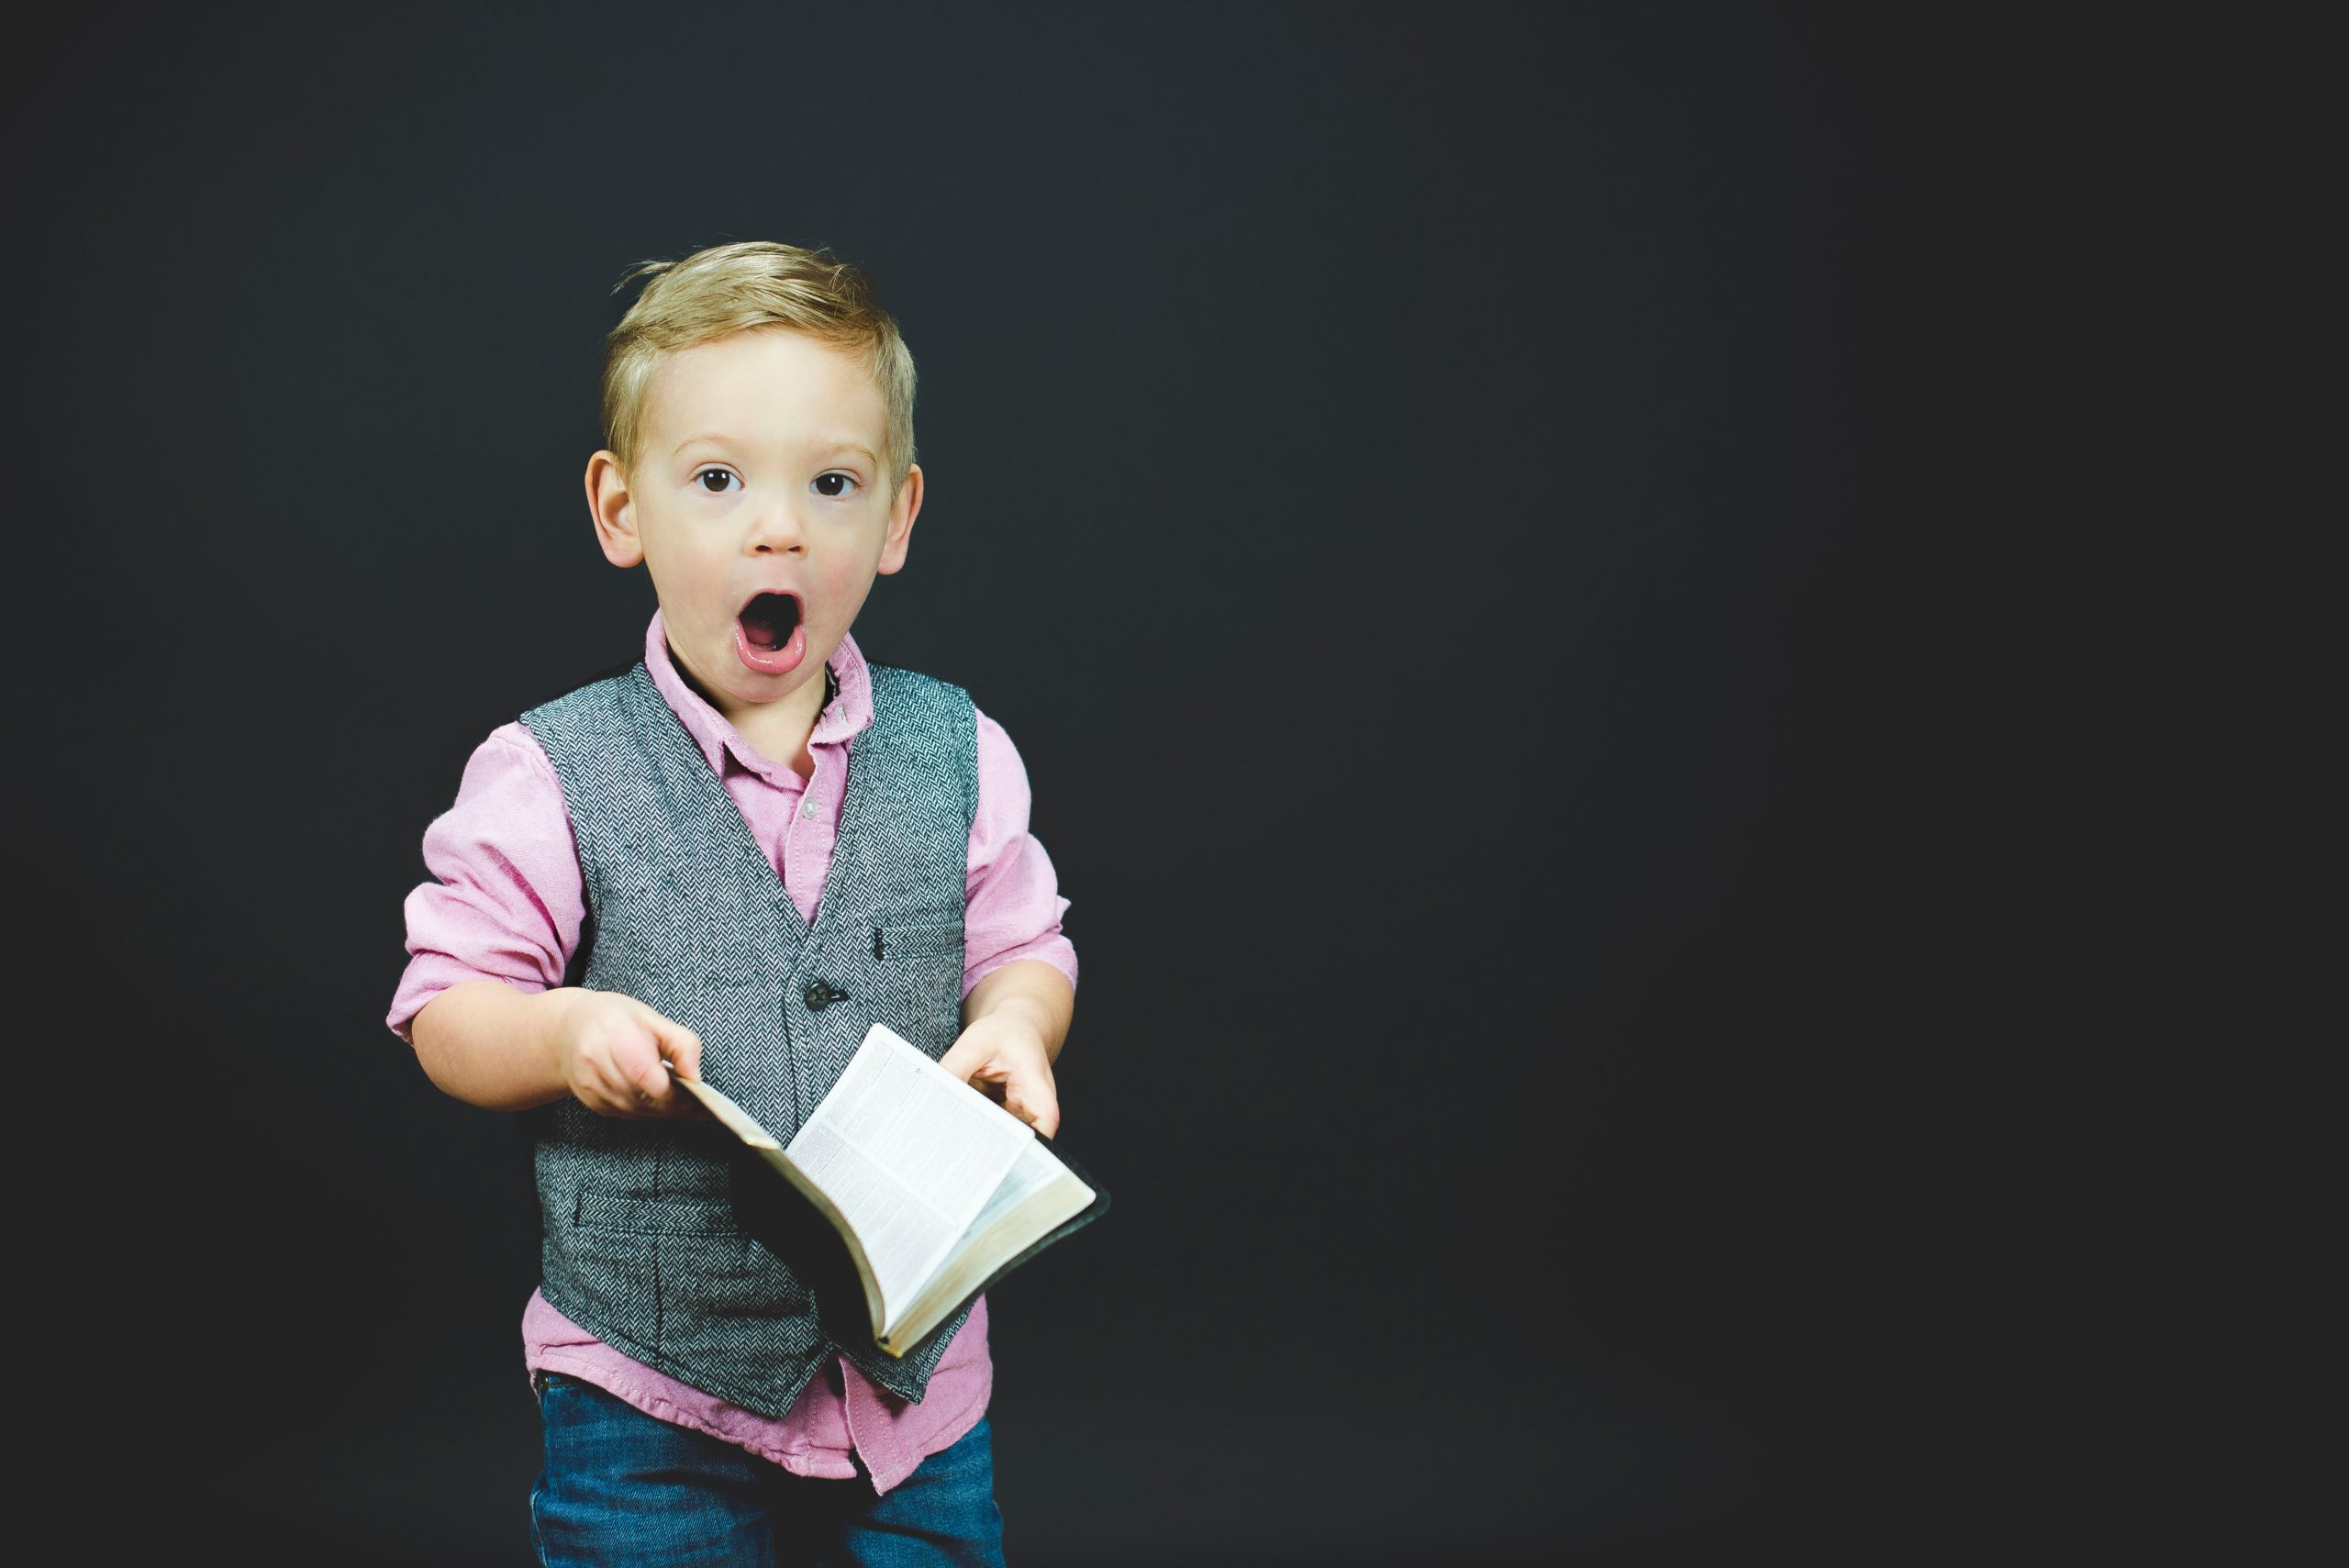 A boy holding a book